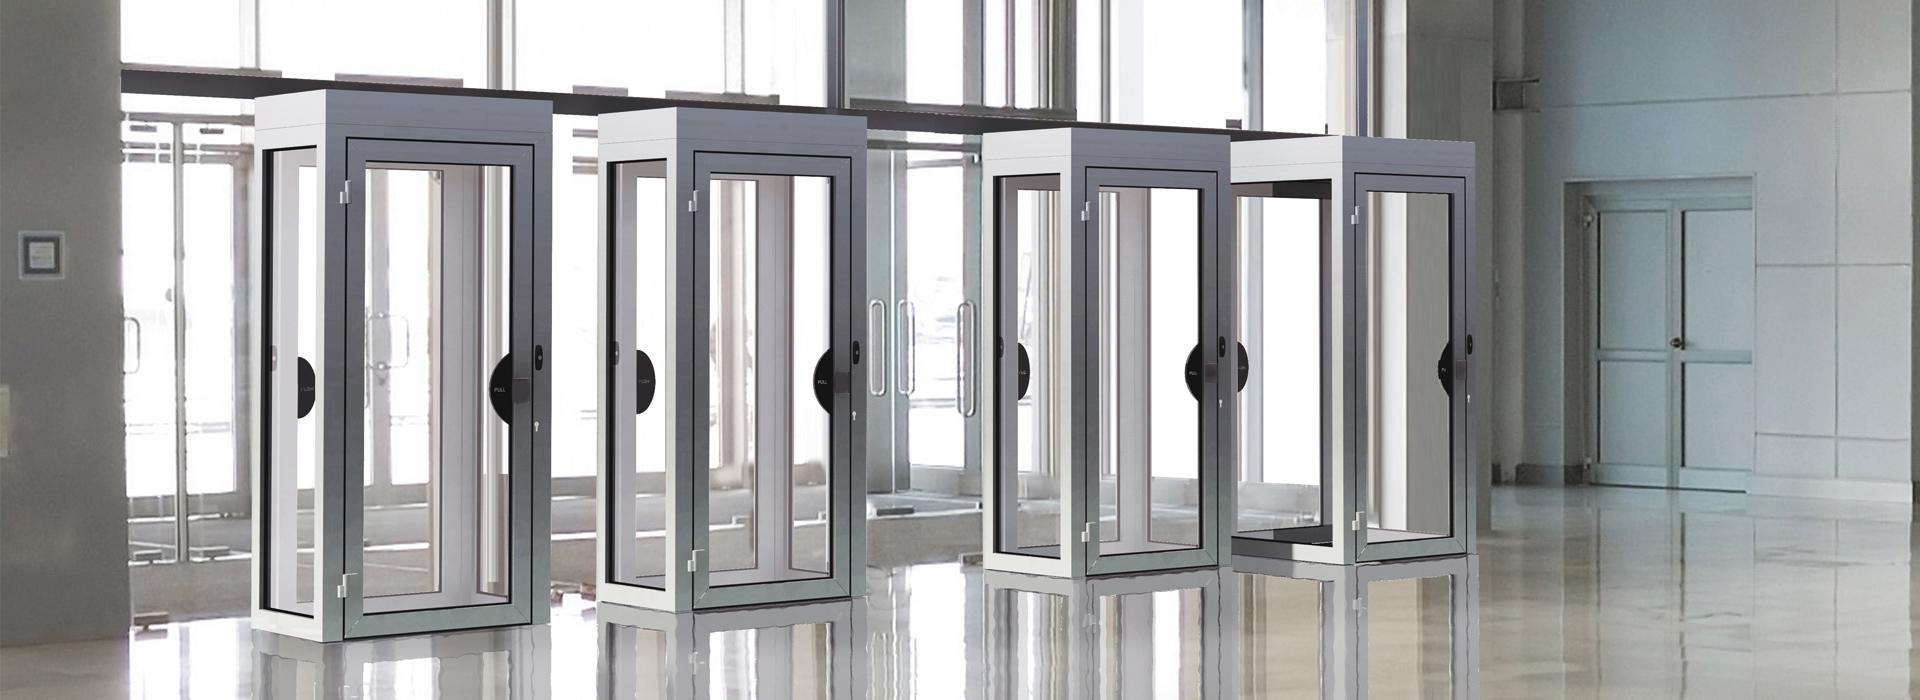 Śluzy osobowe dla podwyższenia poziomu bezpieczeństwa w biurowcach